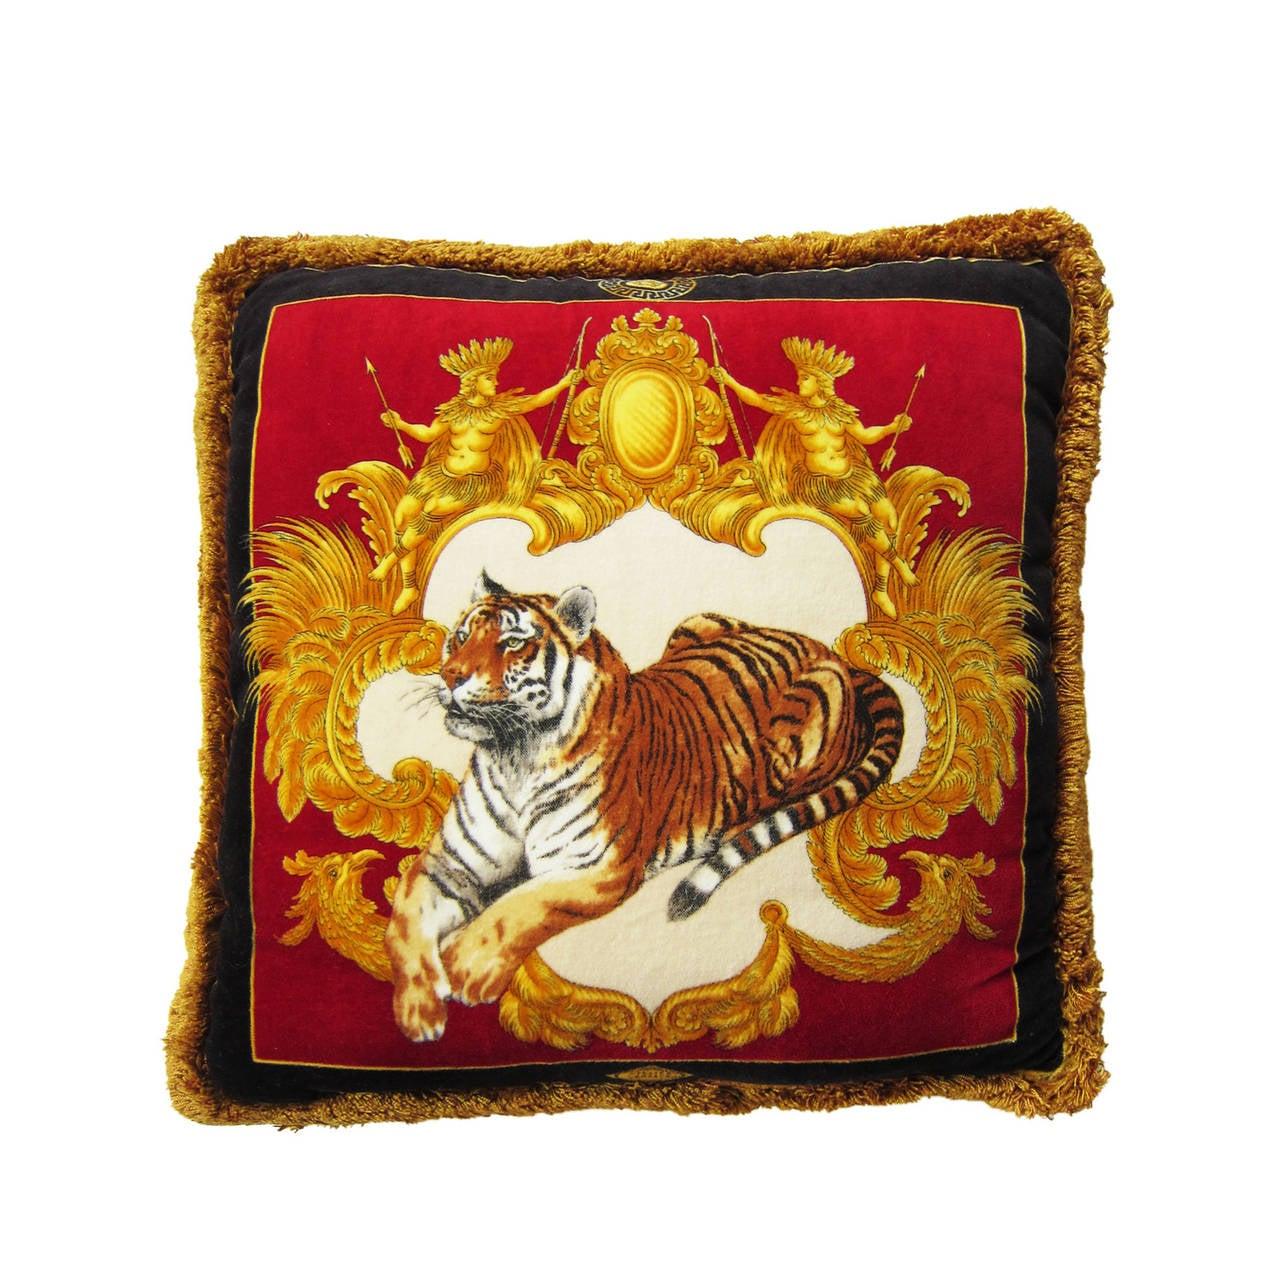 Atelier Versace Silk Vervet Pillow Medusa At 1stdibs